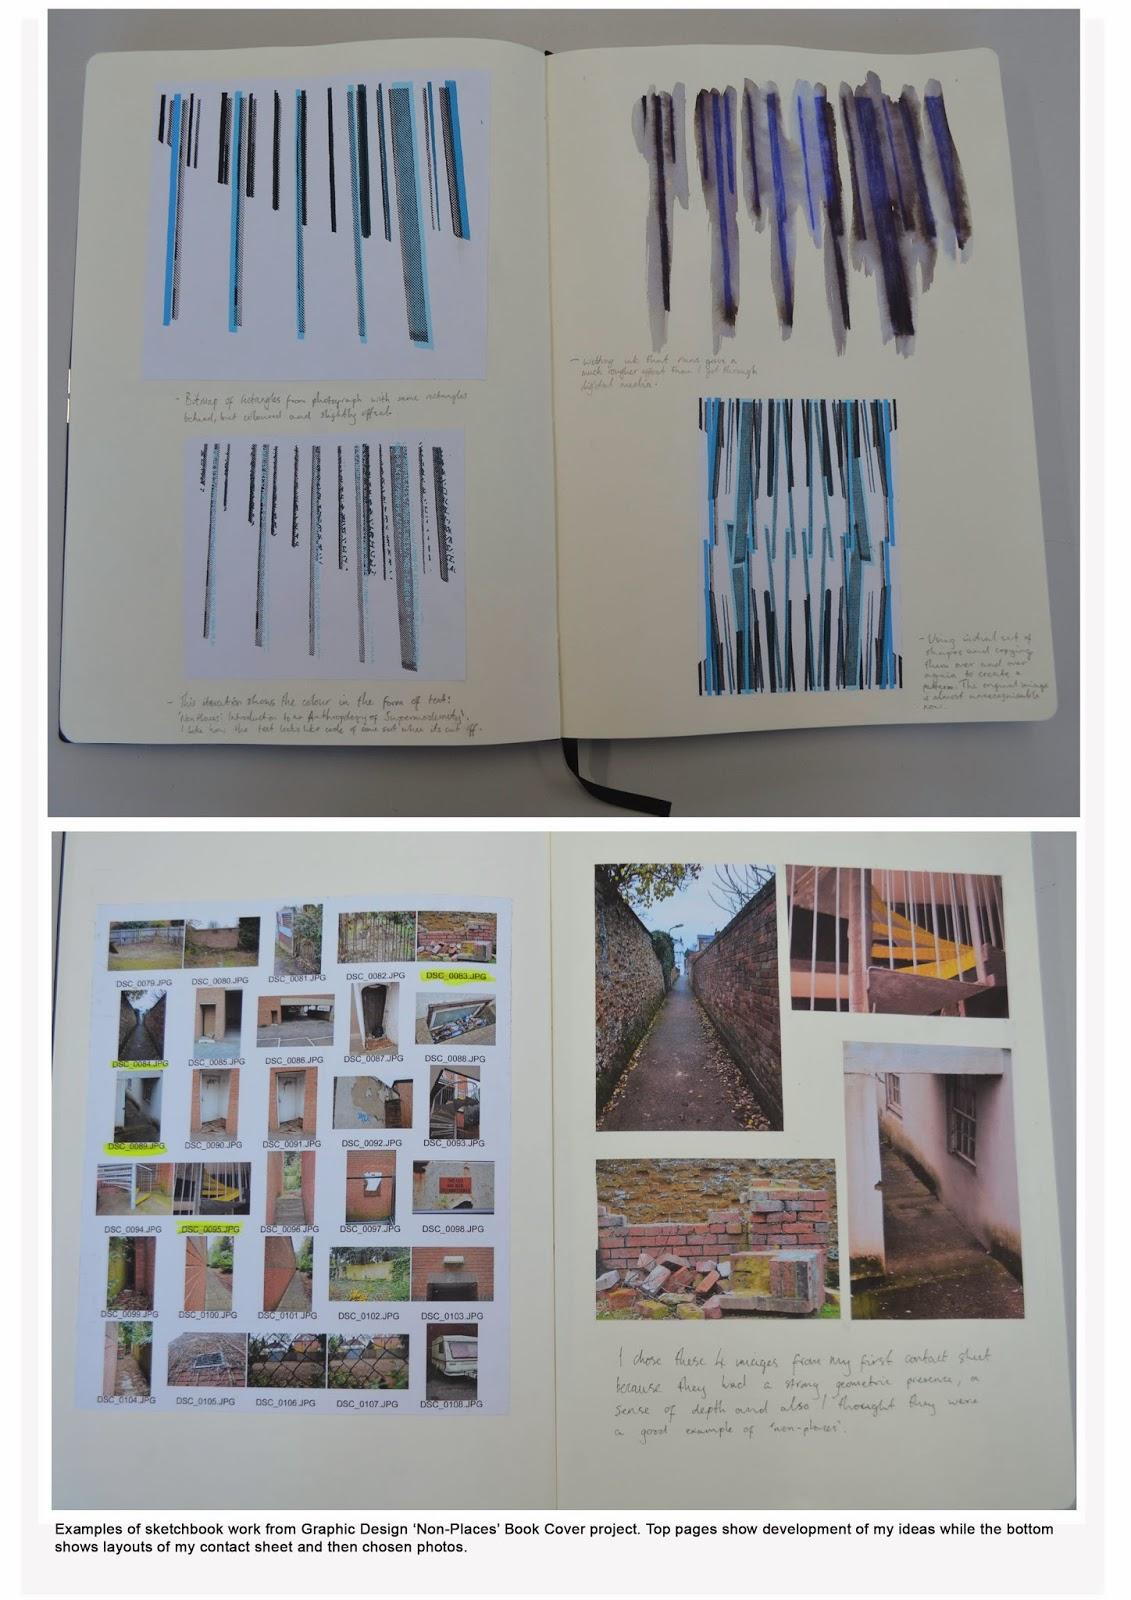 Book Cover Graphic Design Project : Graphic design non place book cover